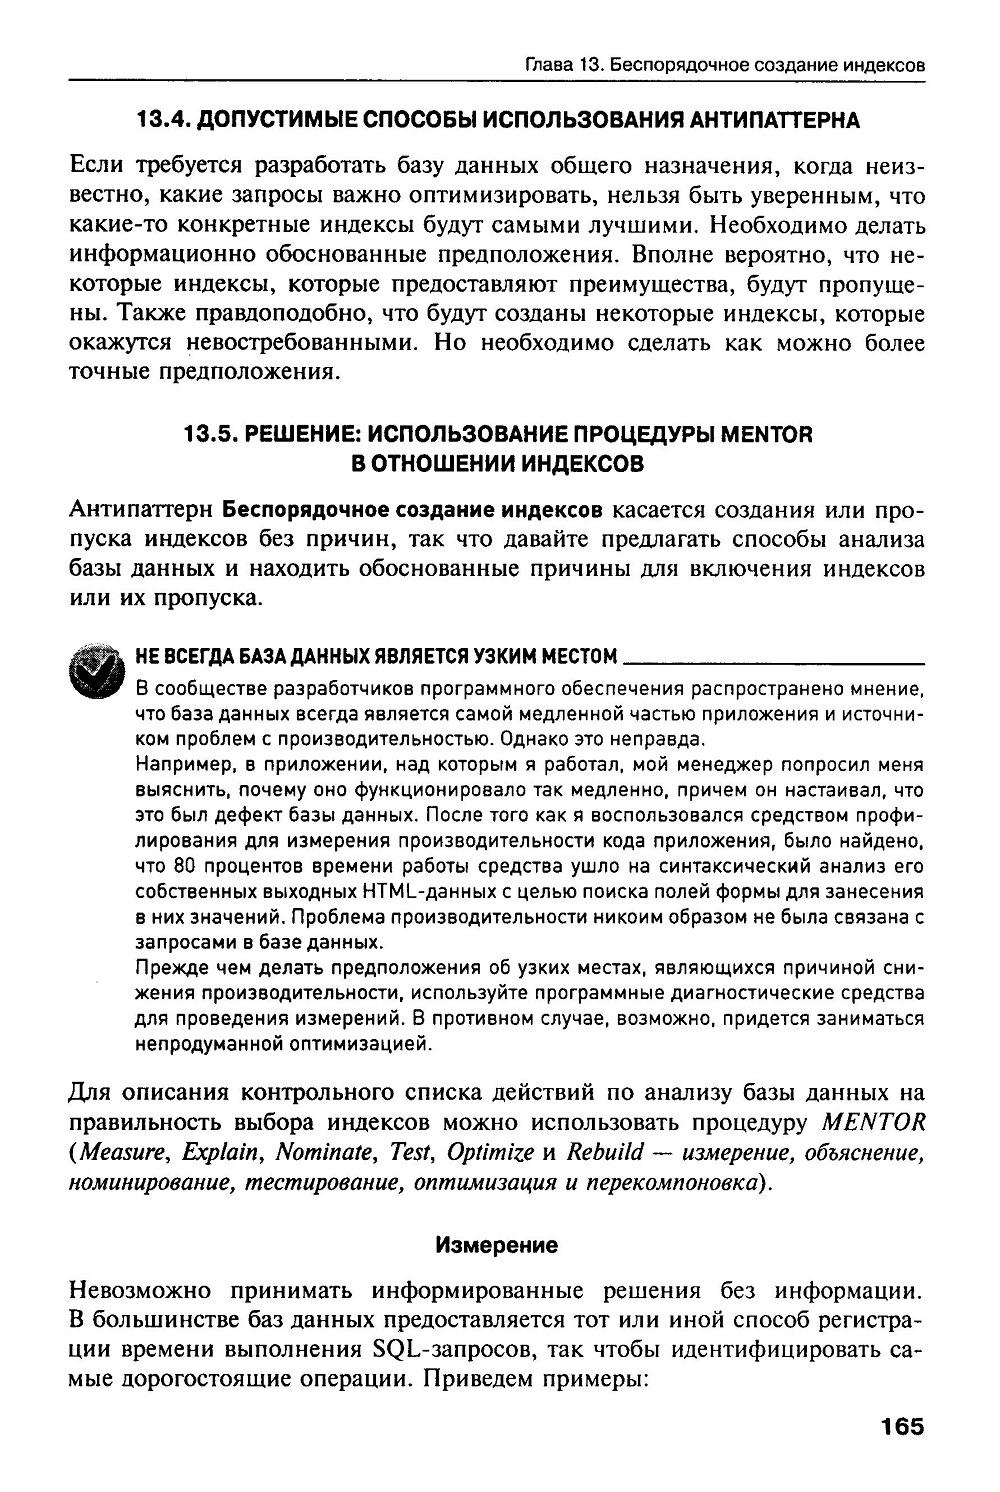 http://i2.imageban.ru/out/2014/01/20/2582a2f206dd47eac7bdeca91608b98a.jpg